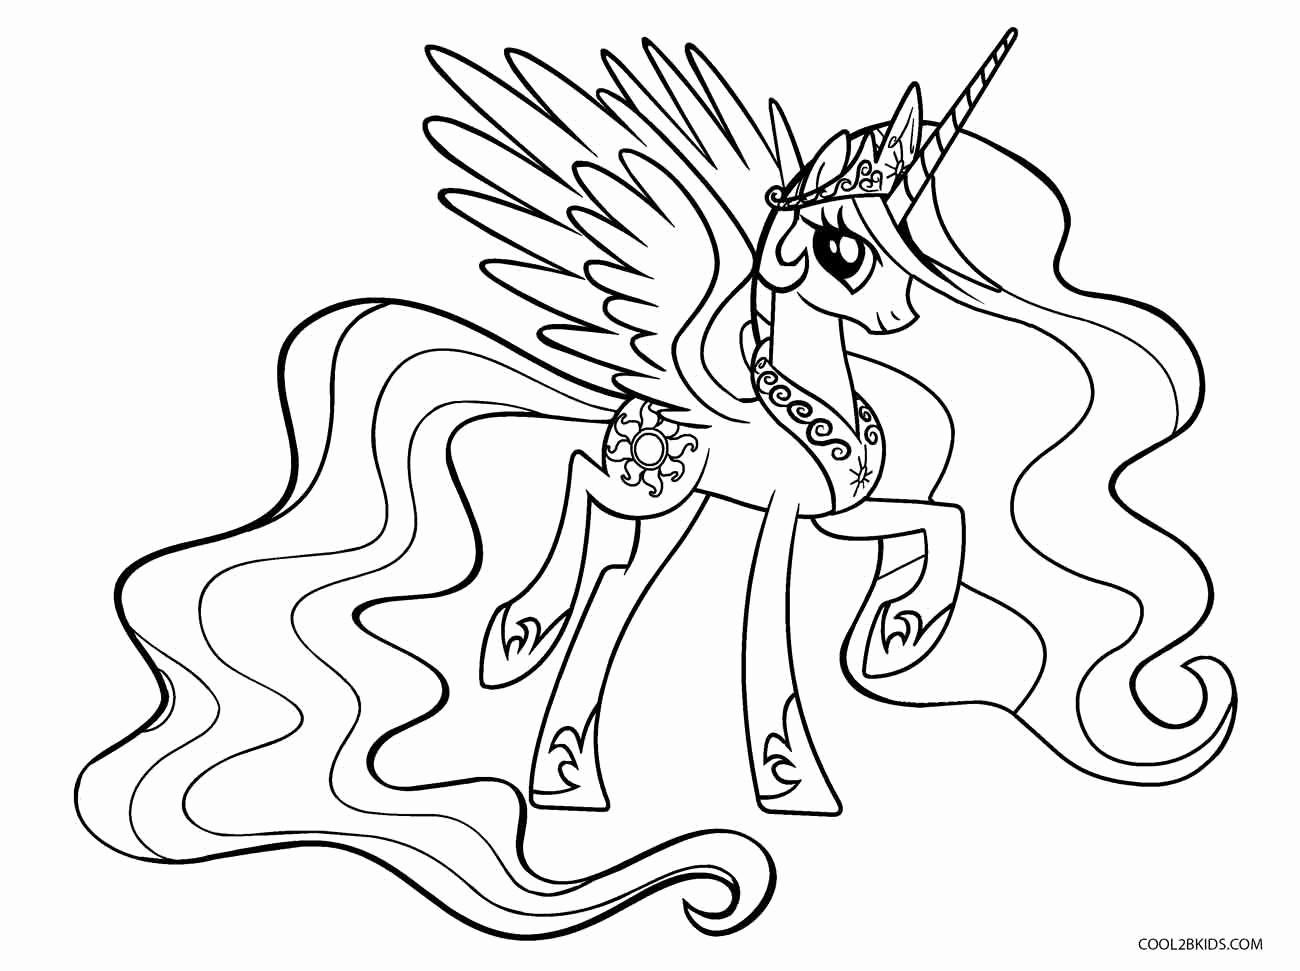 My Little Pony Bilder Zum Ausmalen Inspirierend 56 Luxus Stock My Little Pony Ausmalbilder Zum Ausdrucken Bild